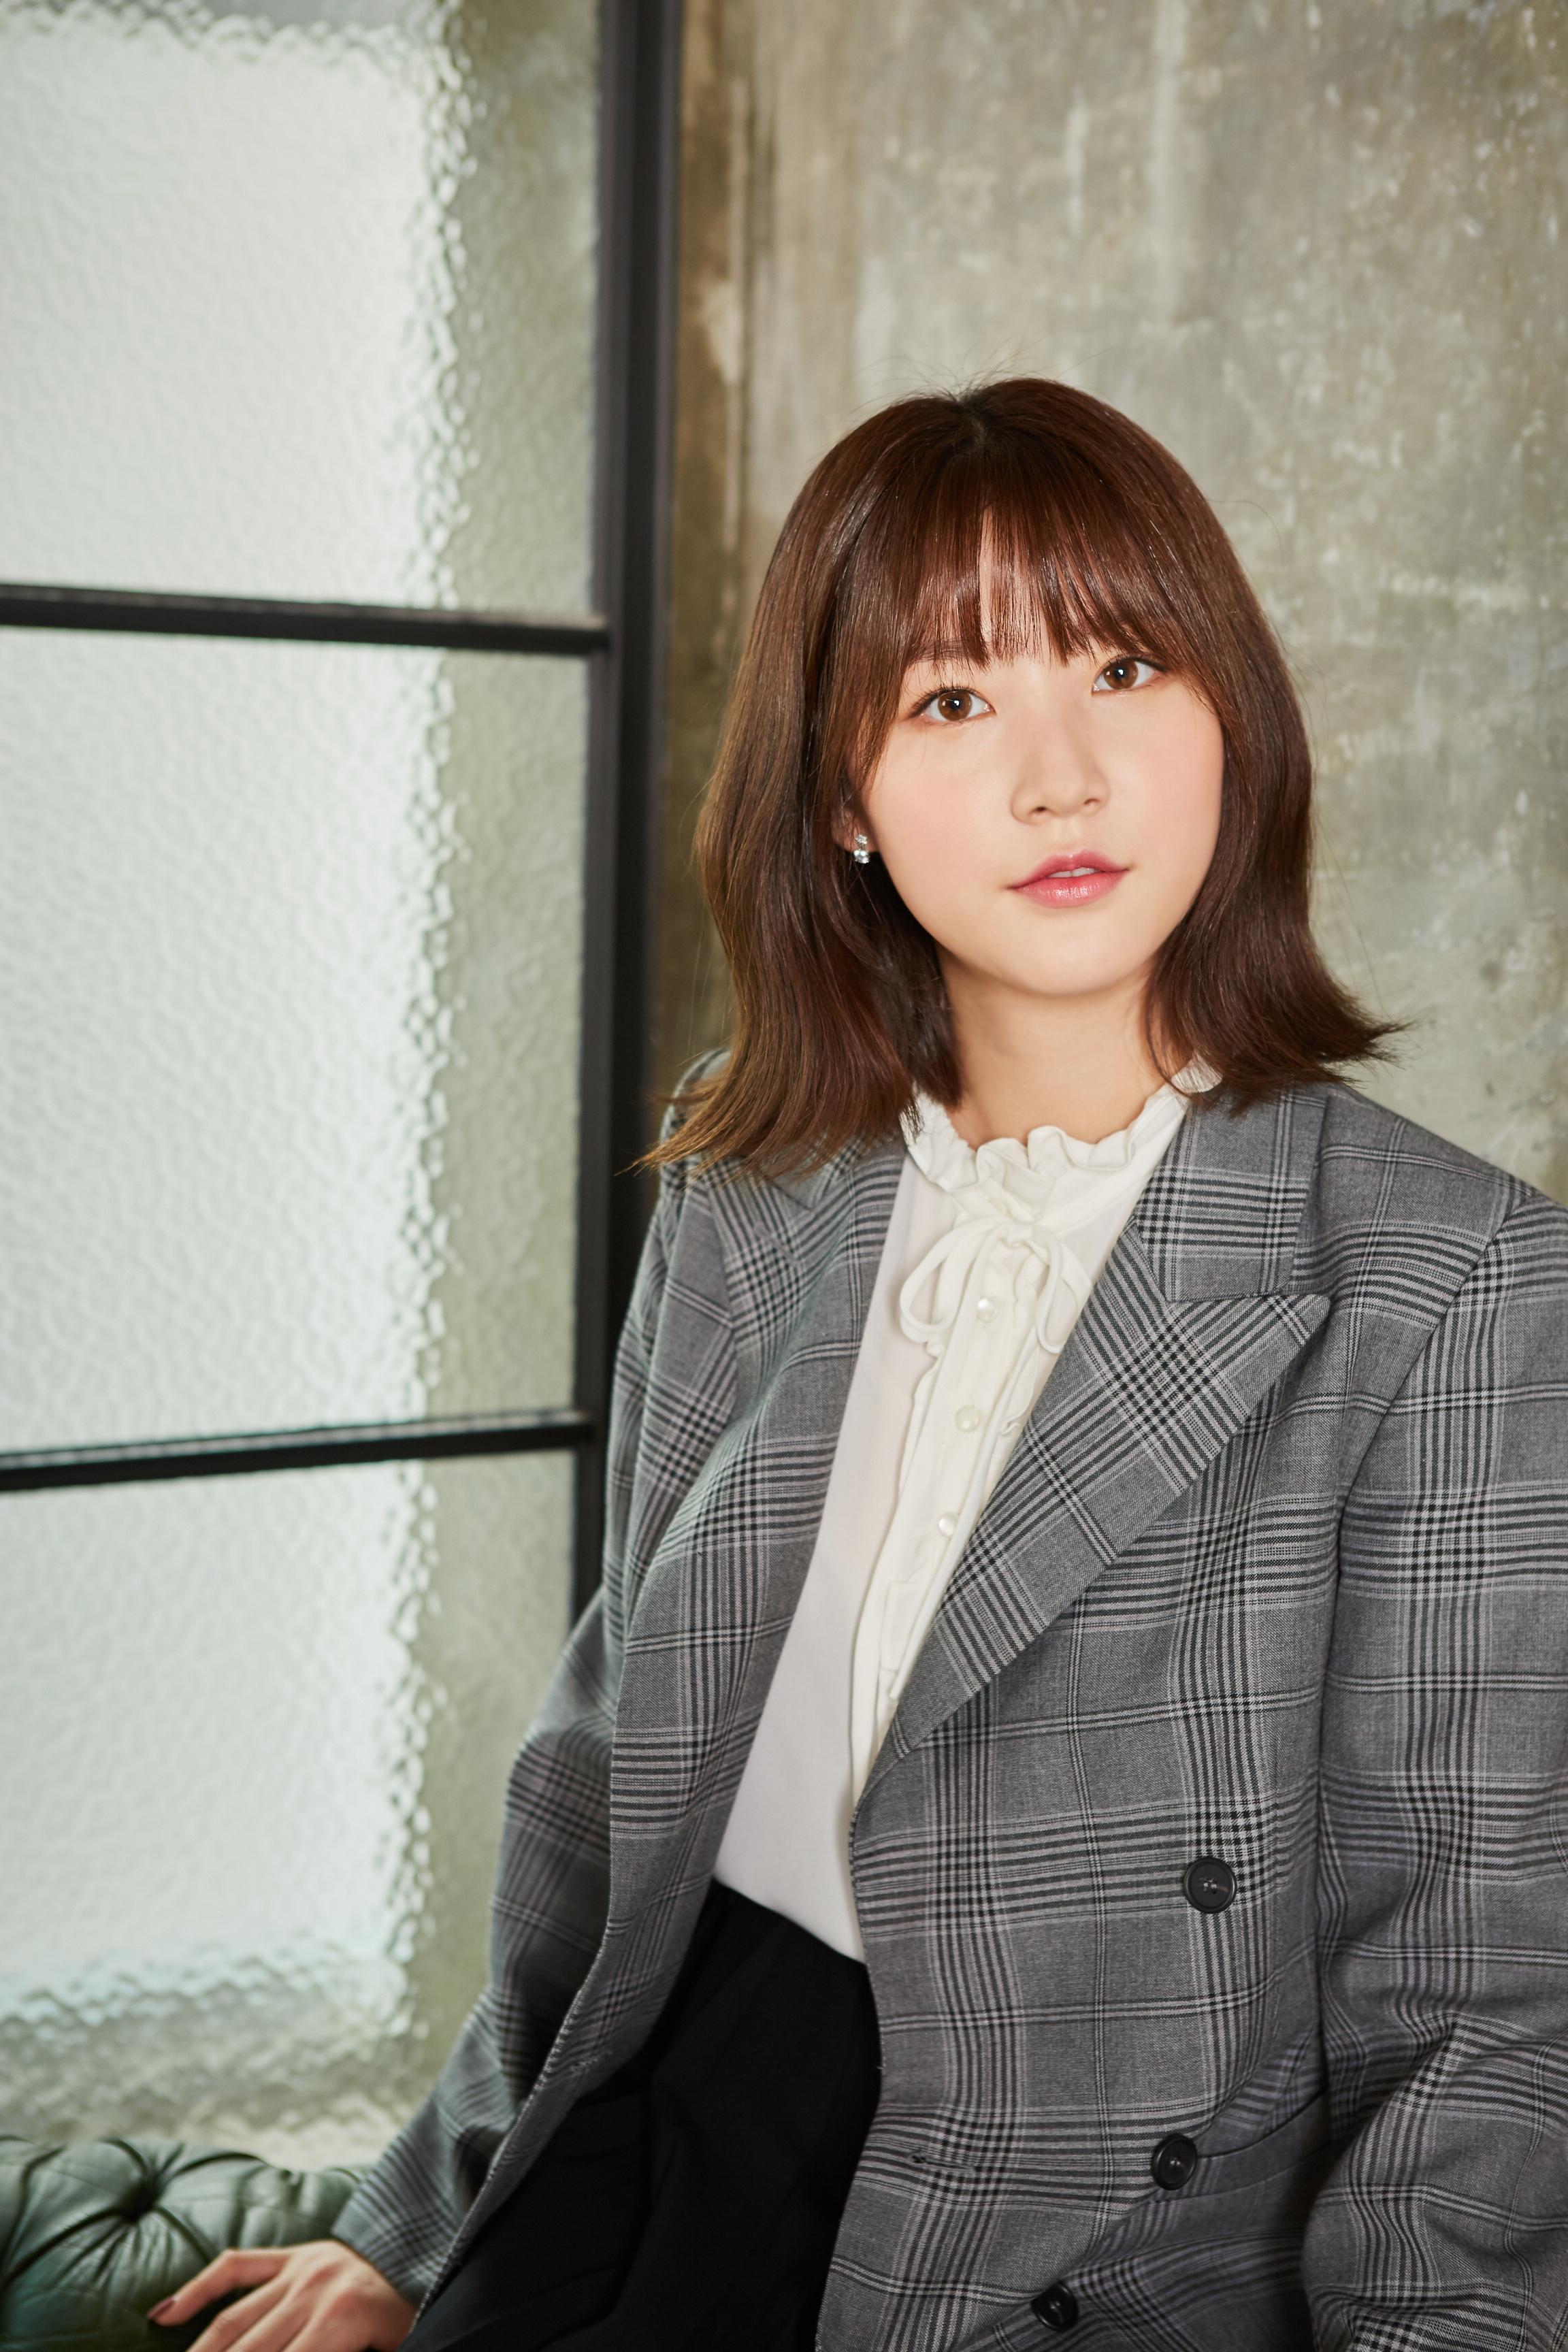 김새론 영화 '동네사람들' 인터뷰 화보